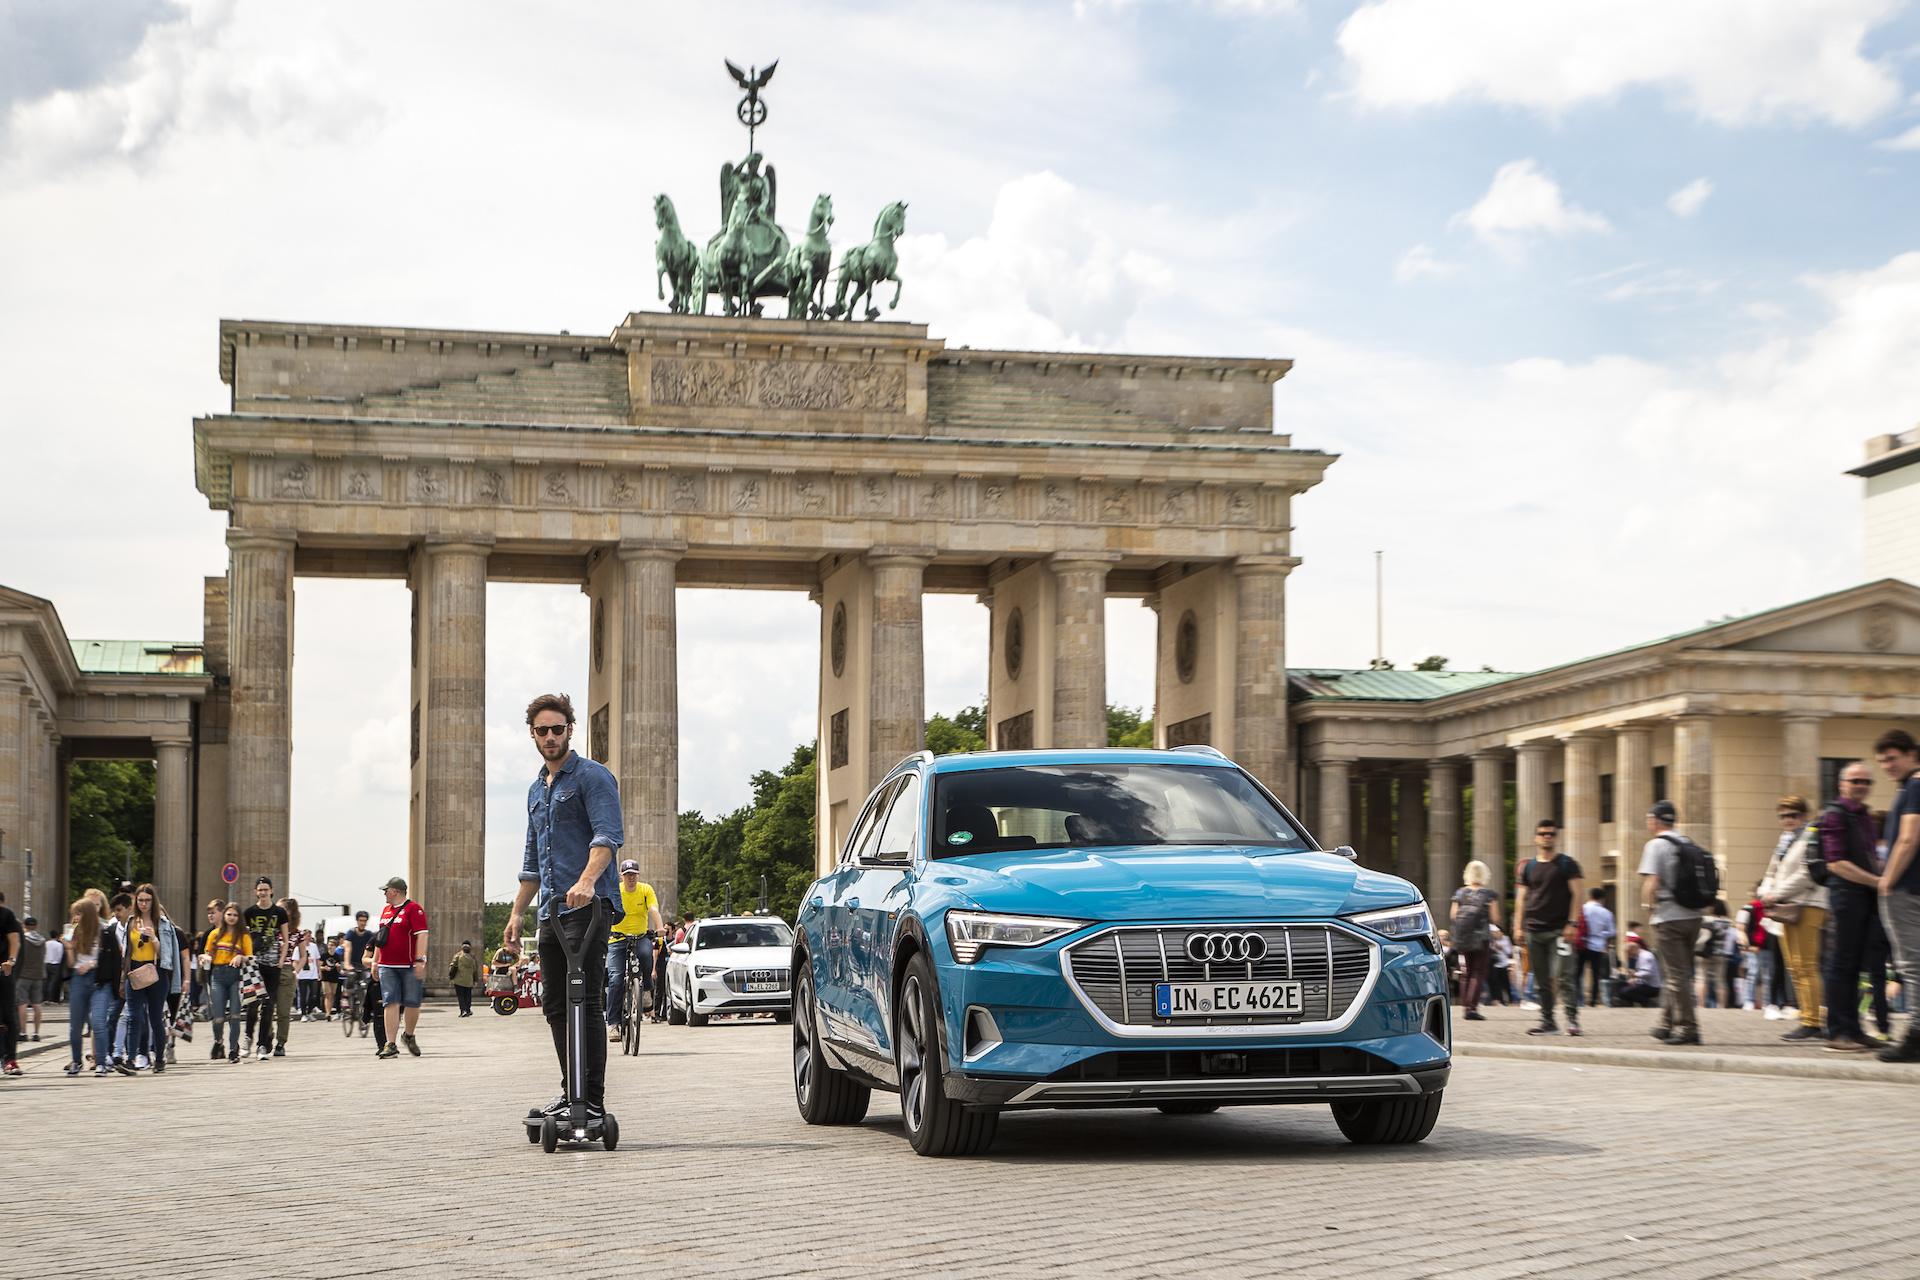 E-tron Scooter : cette trottinette électrique dévoilée par Audi coûte 2 000 €